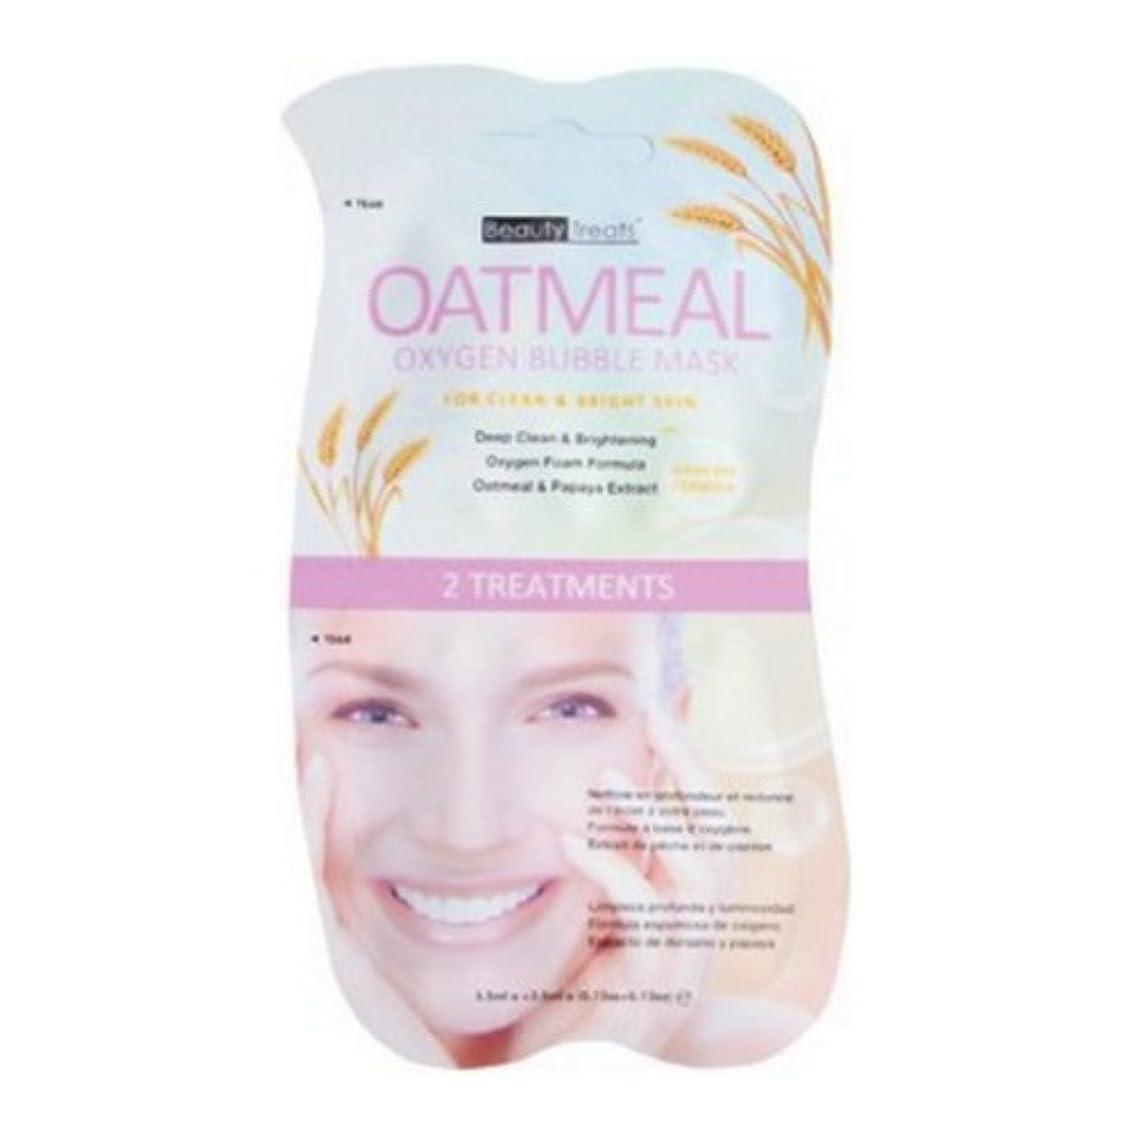 特徴歩行者ひばり(6 Pack) BEAUTY TREATS Oatmeal Oxygen Bubble Mask - Oatmeal (並行輸入品)